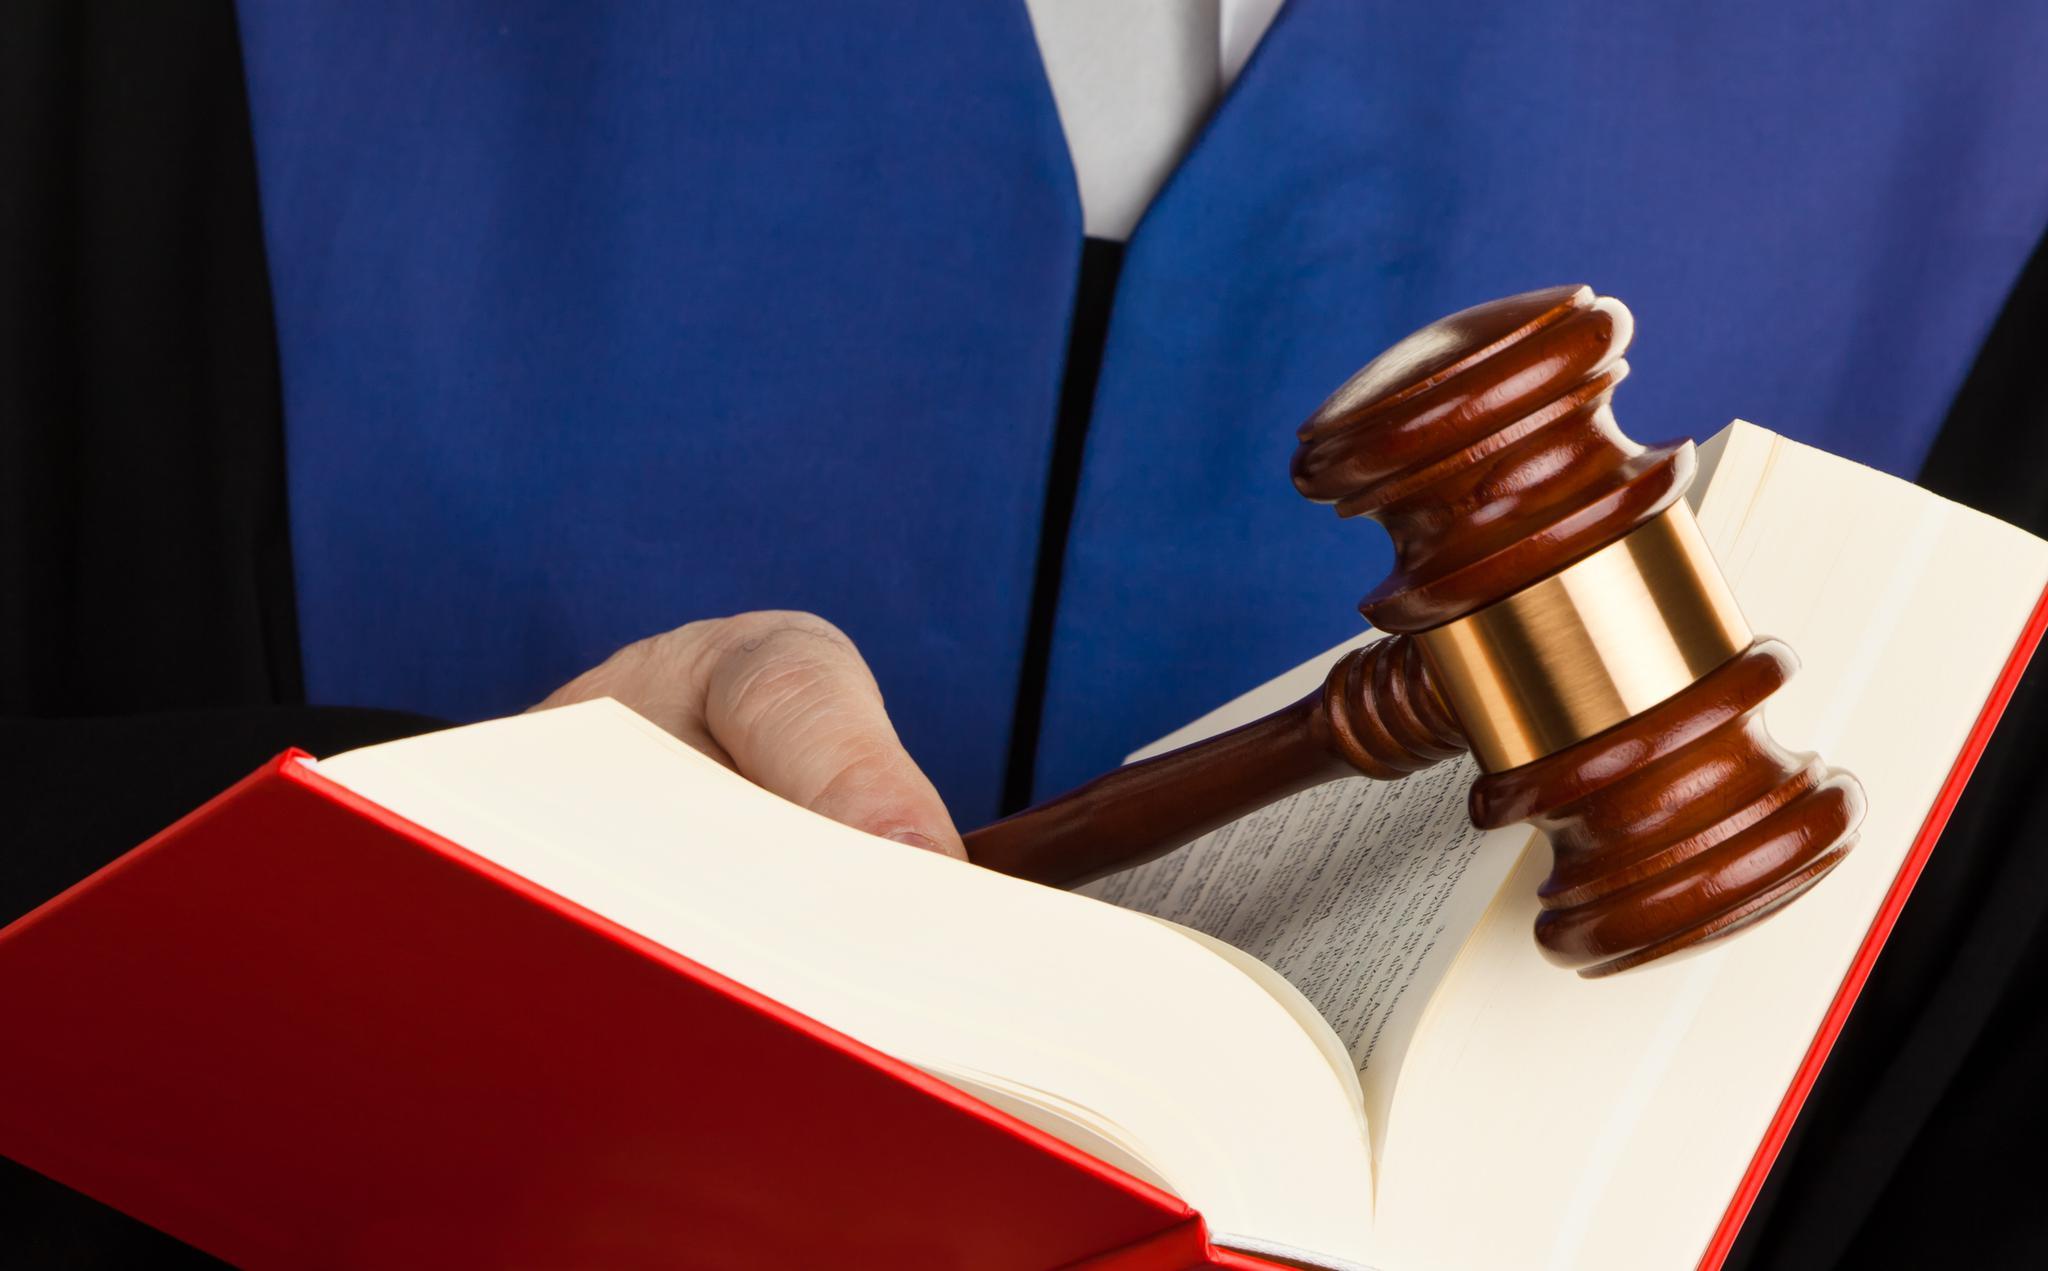 Молдова выплатит 1,7 миллионов долларов США во исполнение арбитражного решения